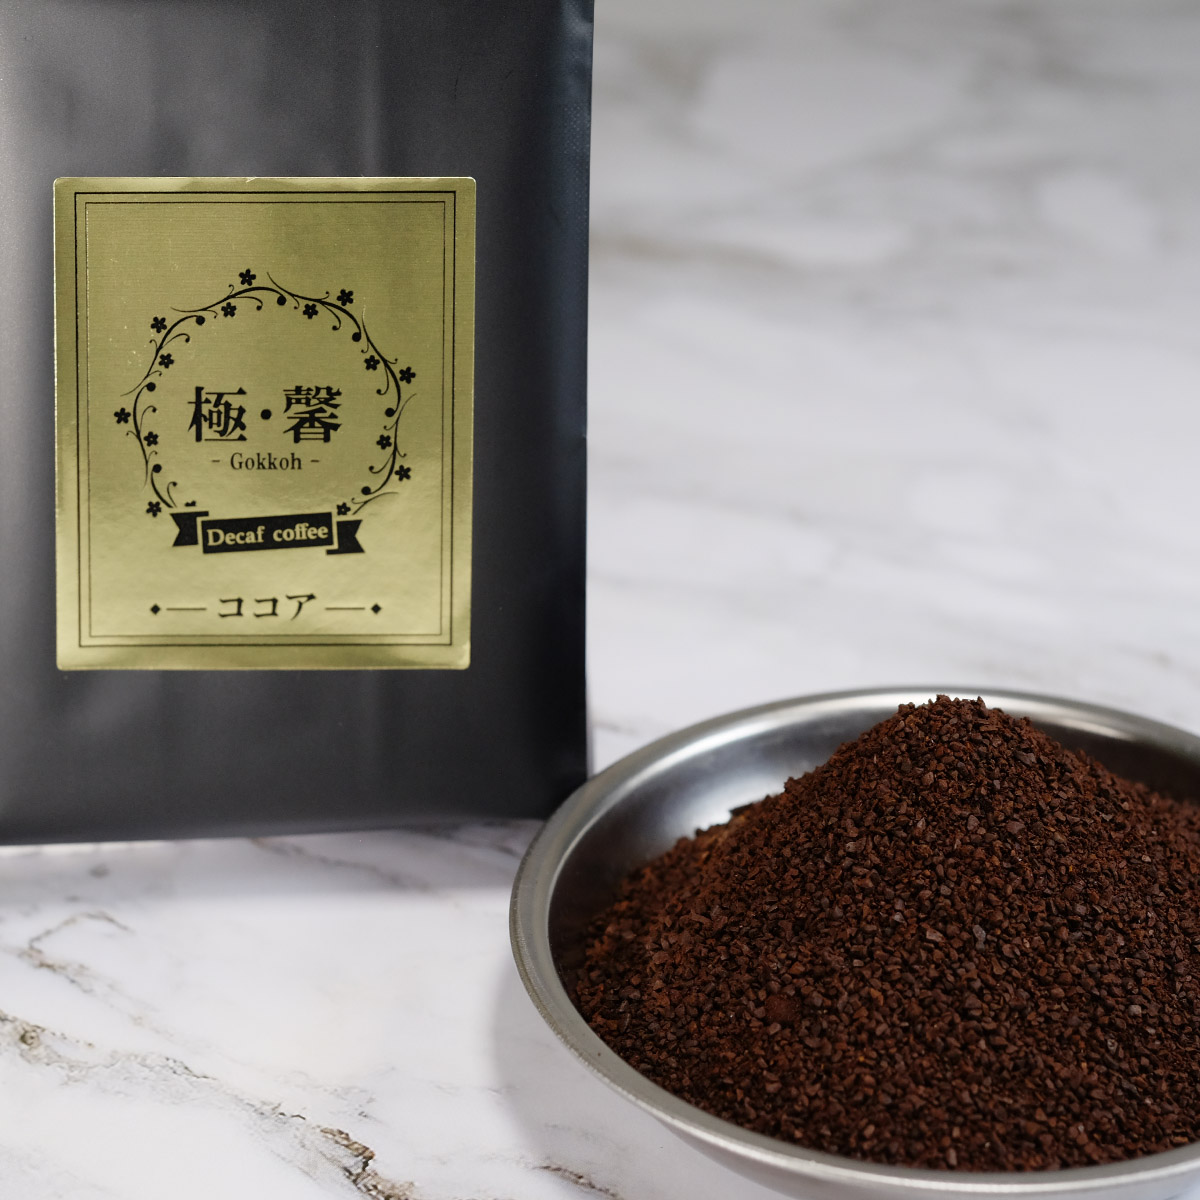 ココアフレーバー デカフェコーヒー